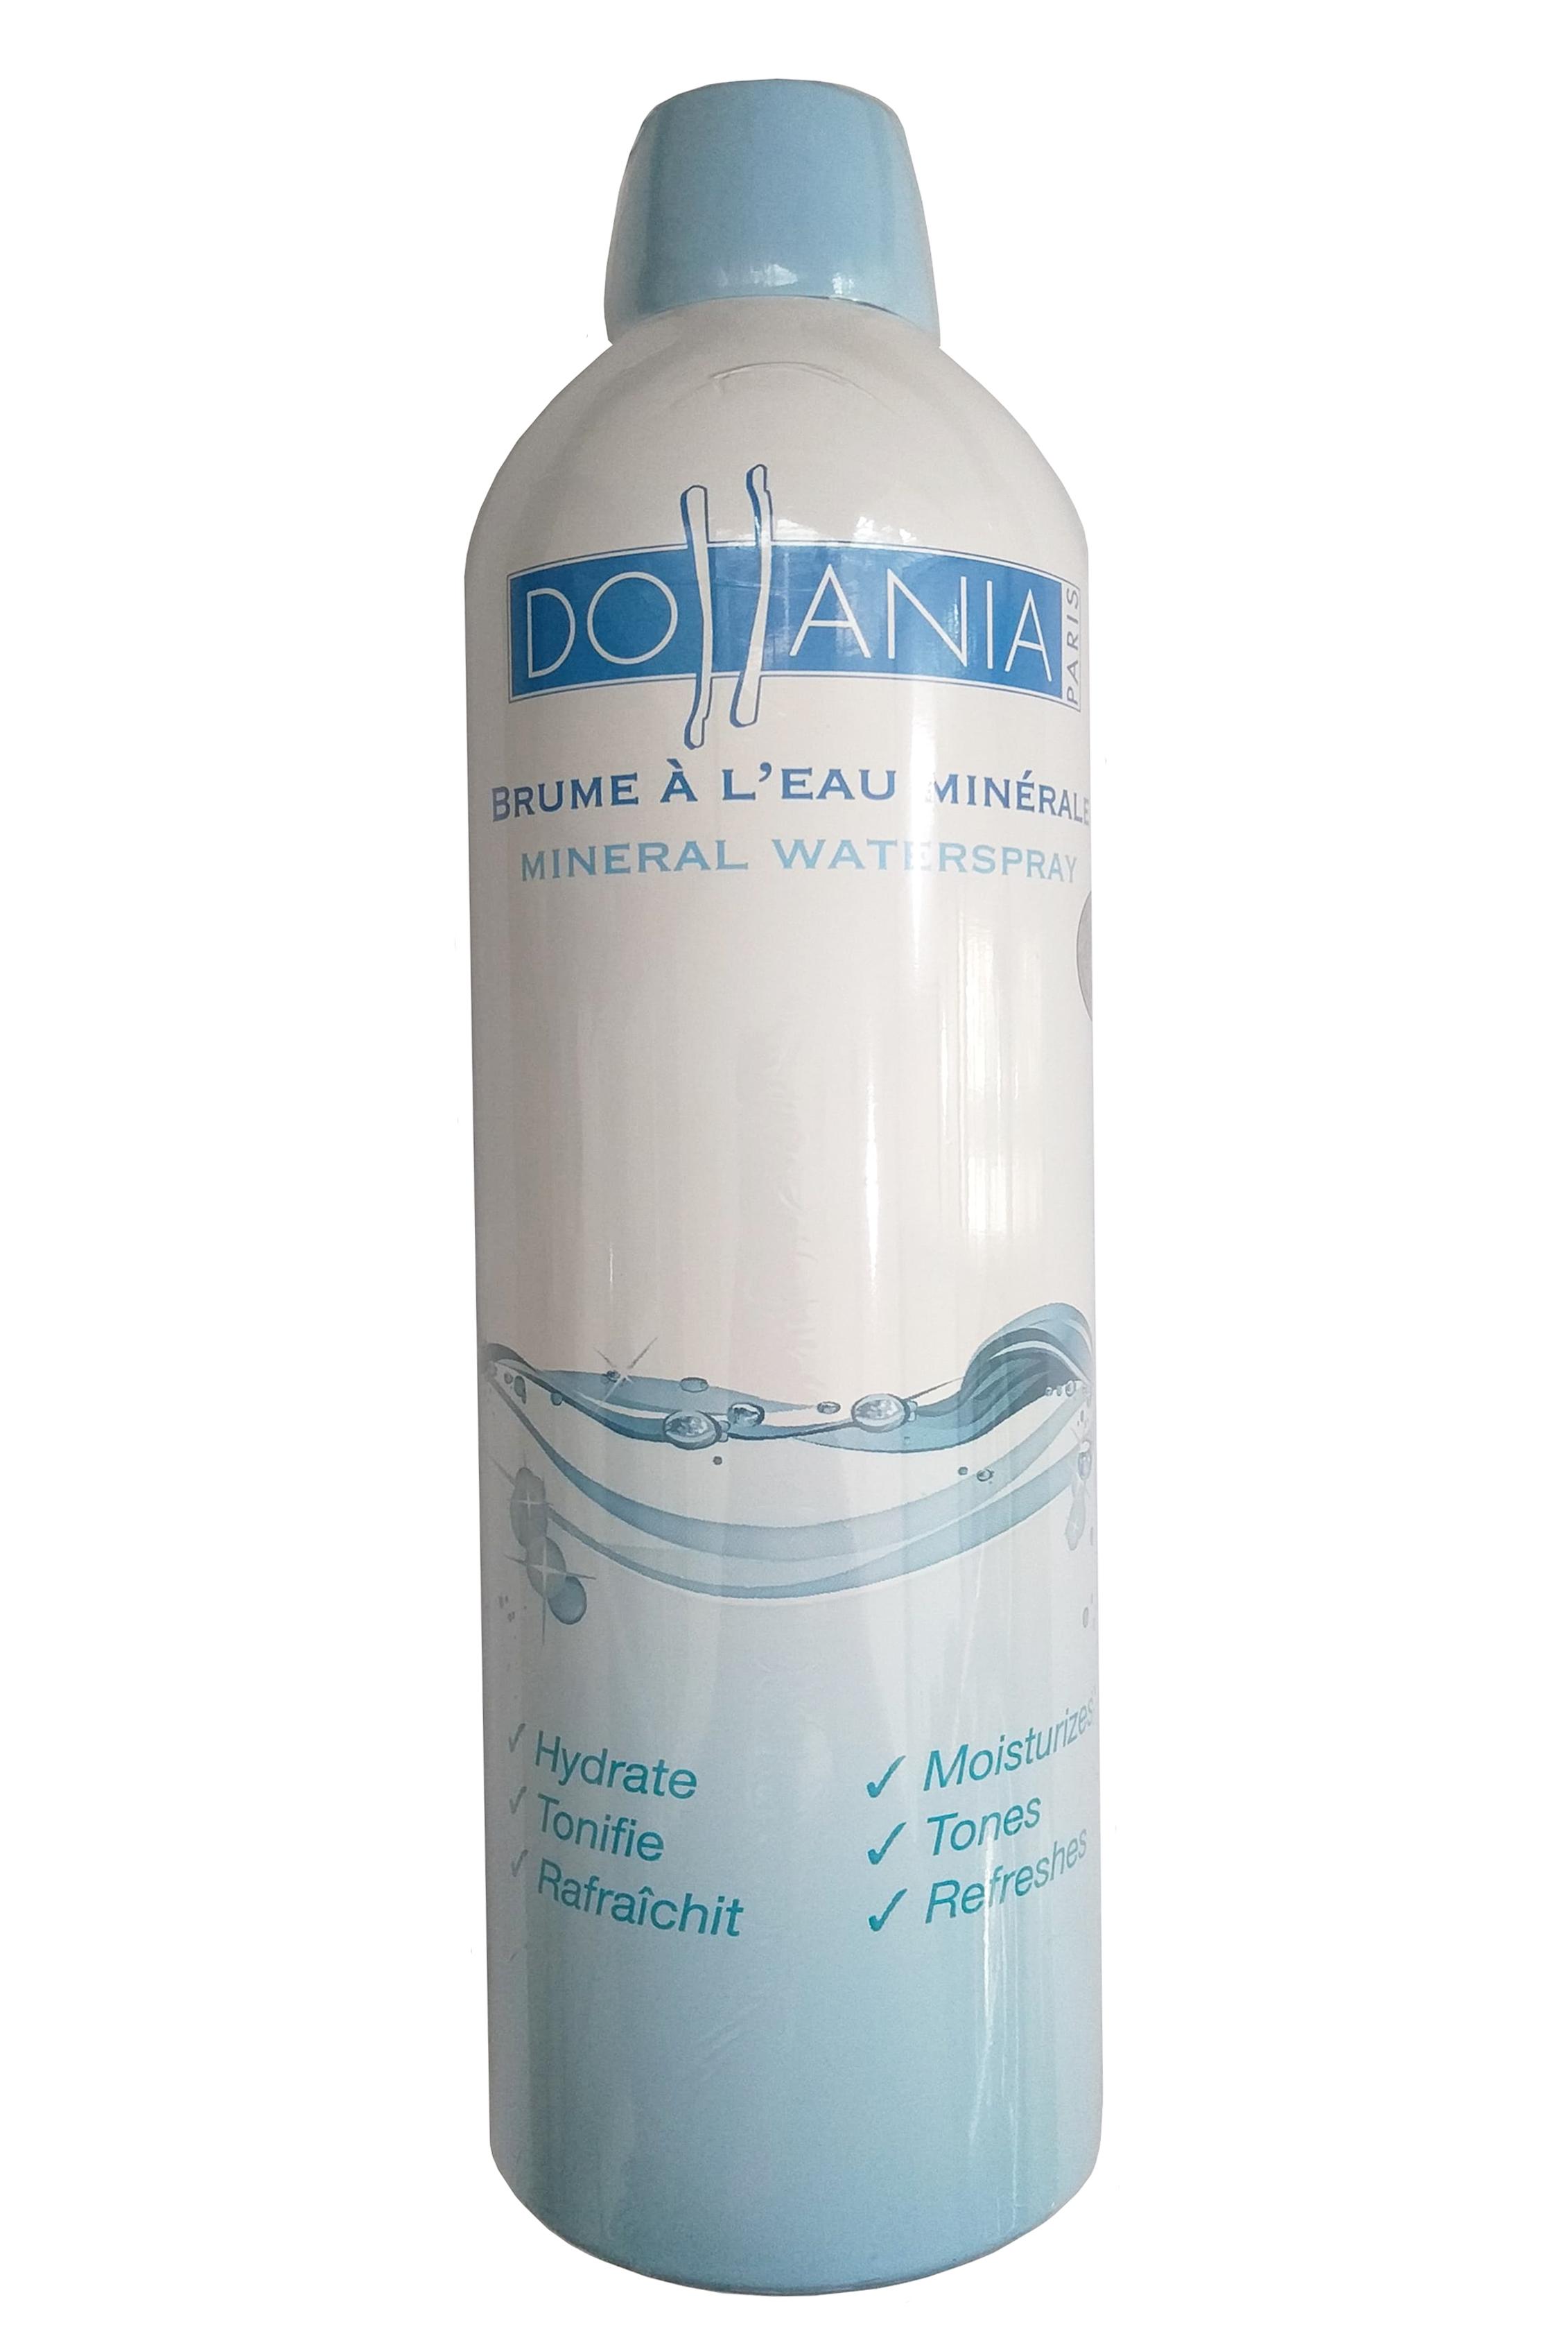 Xịt khoáng Dollania 400ml chính hãng từ Pháp